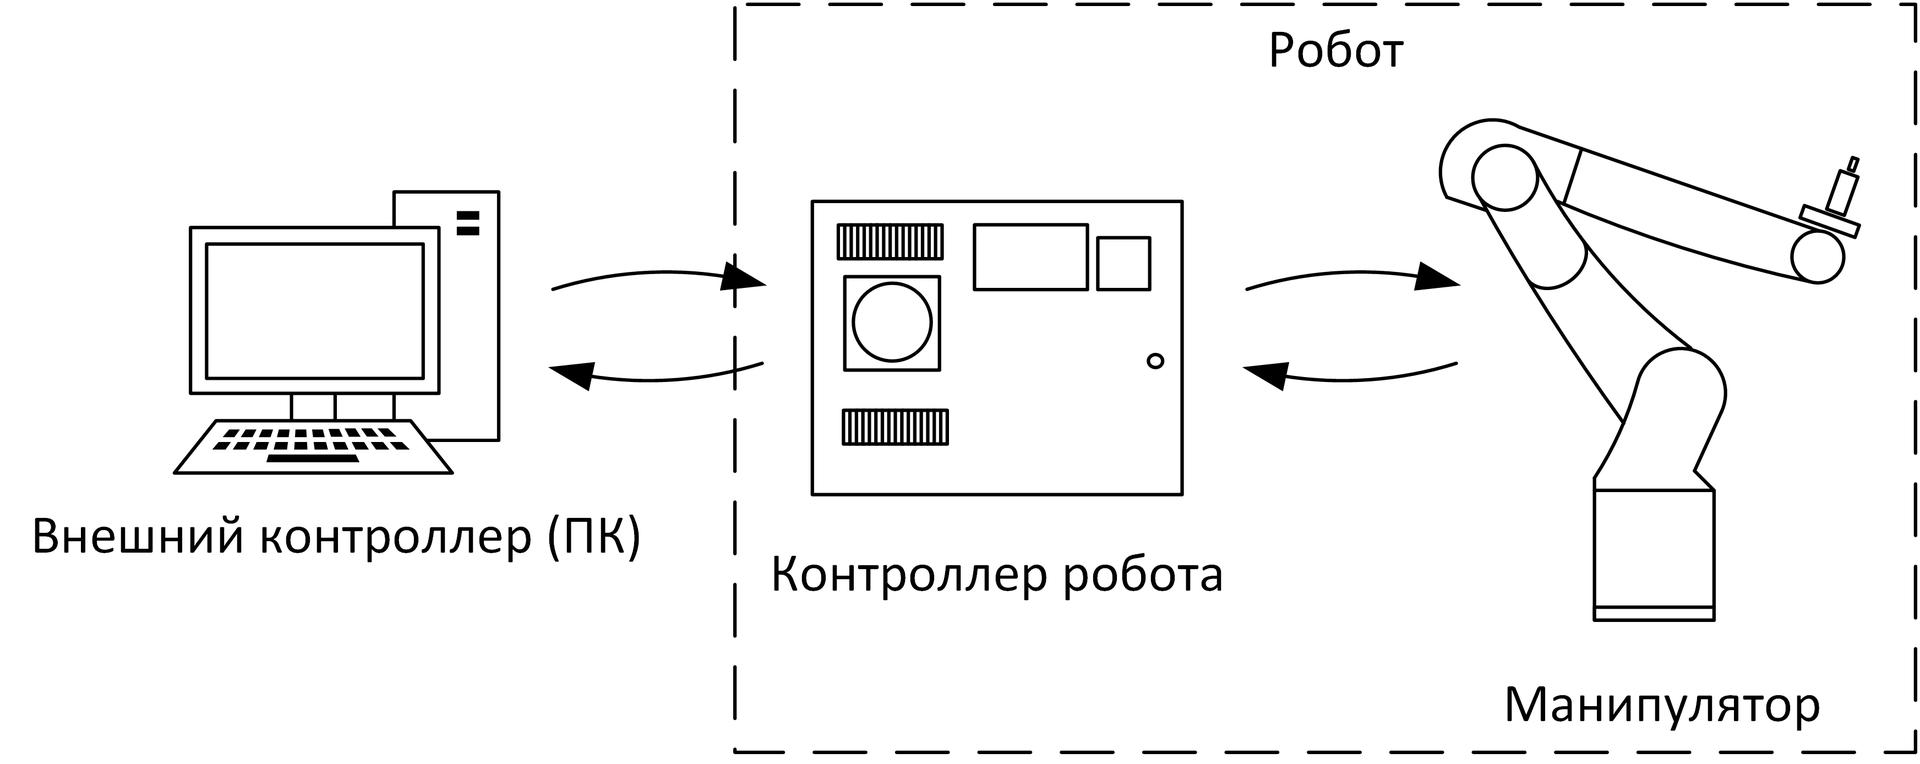 Runtime программирование промышленного робота на RCML - 3